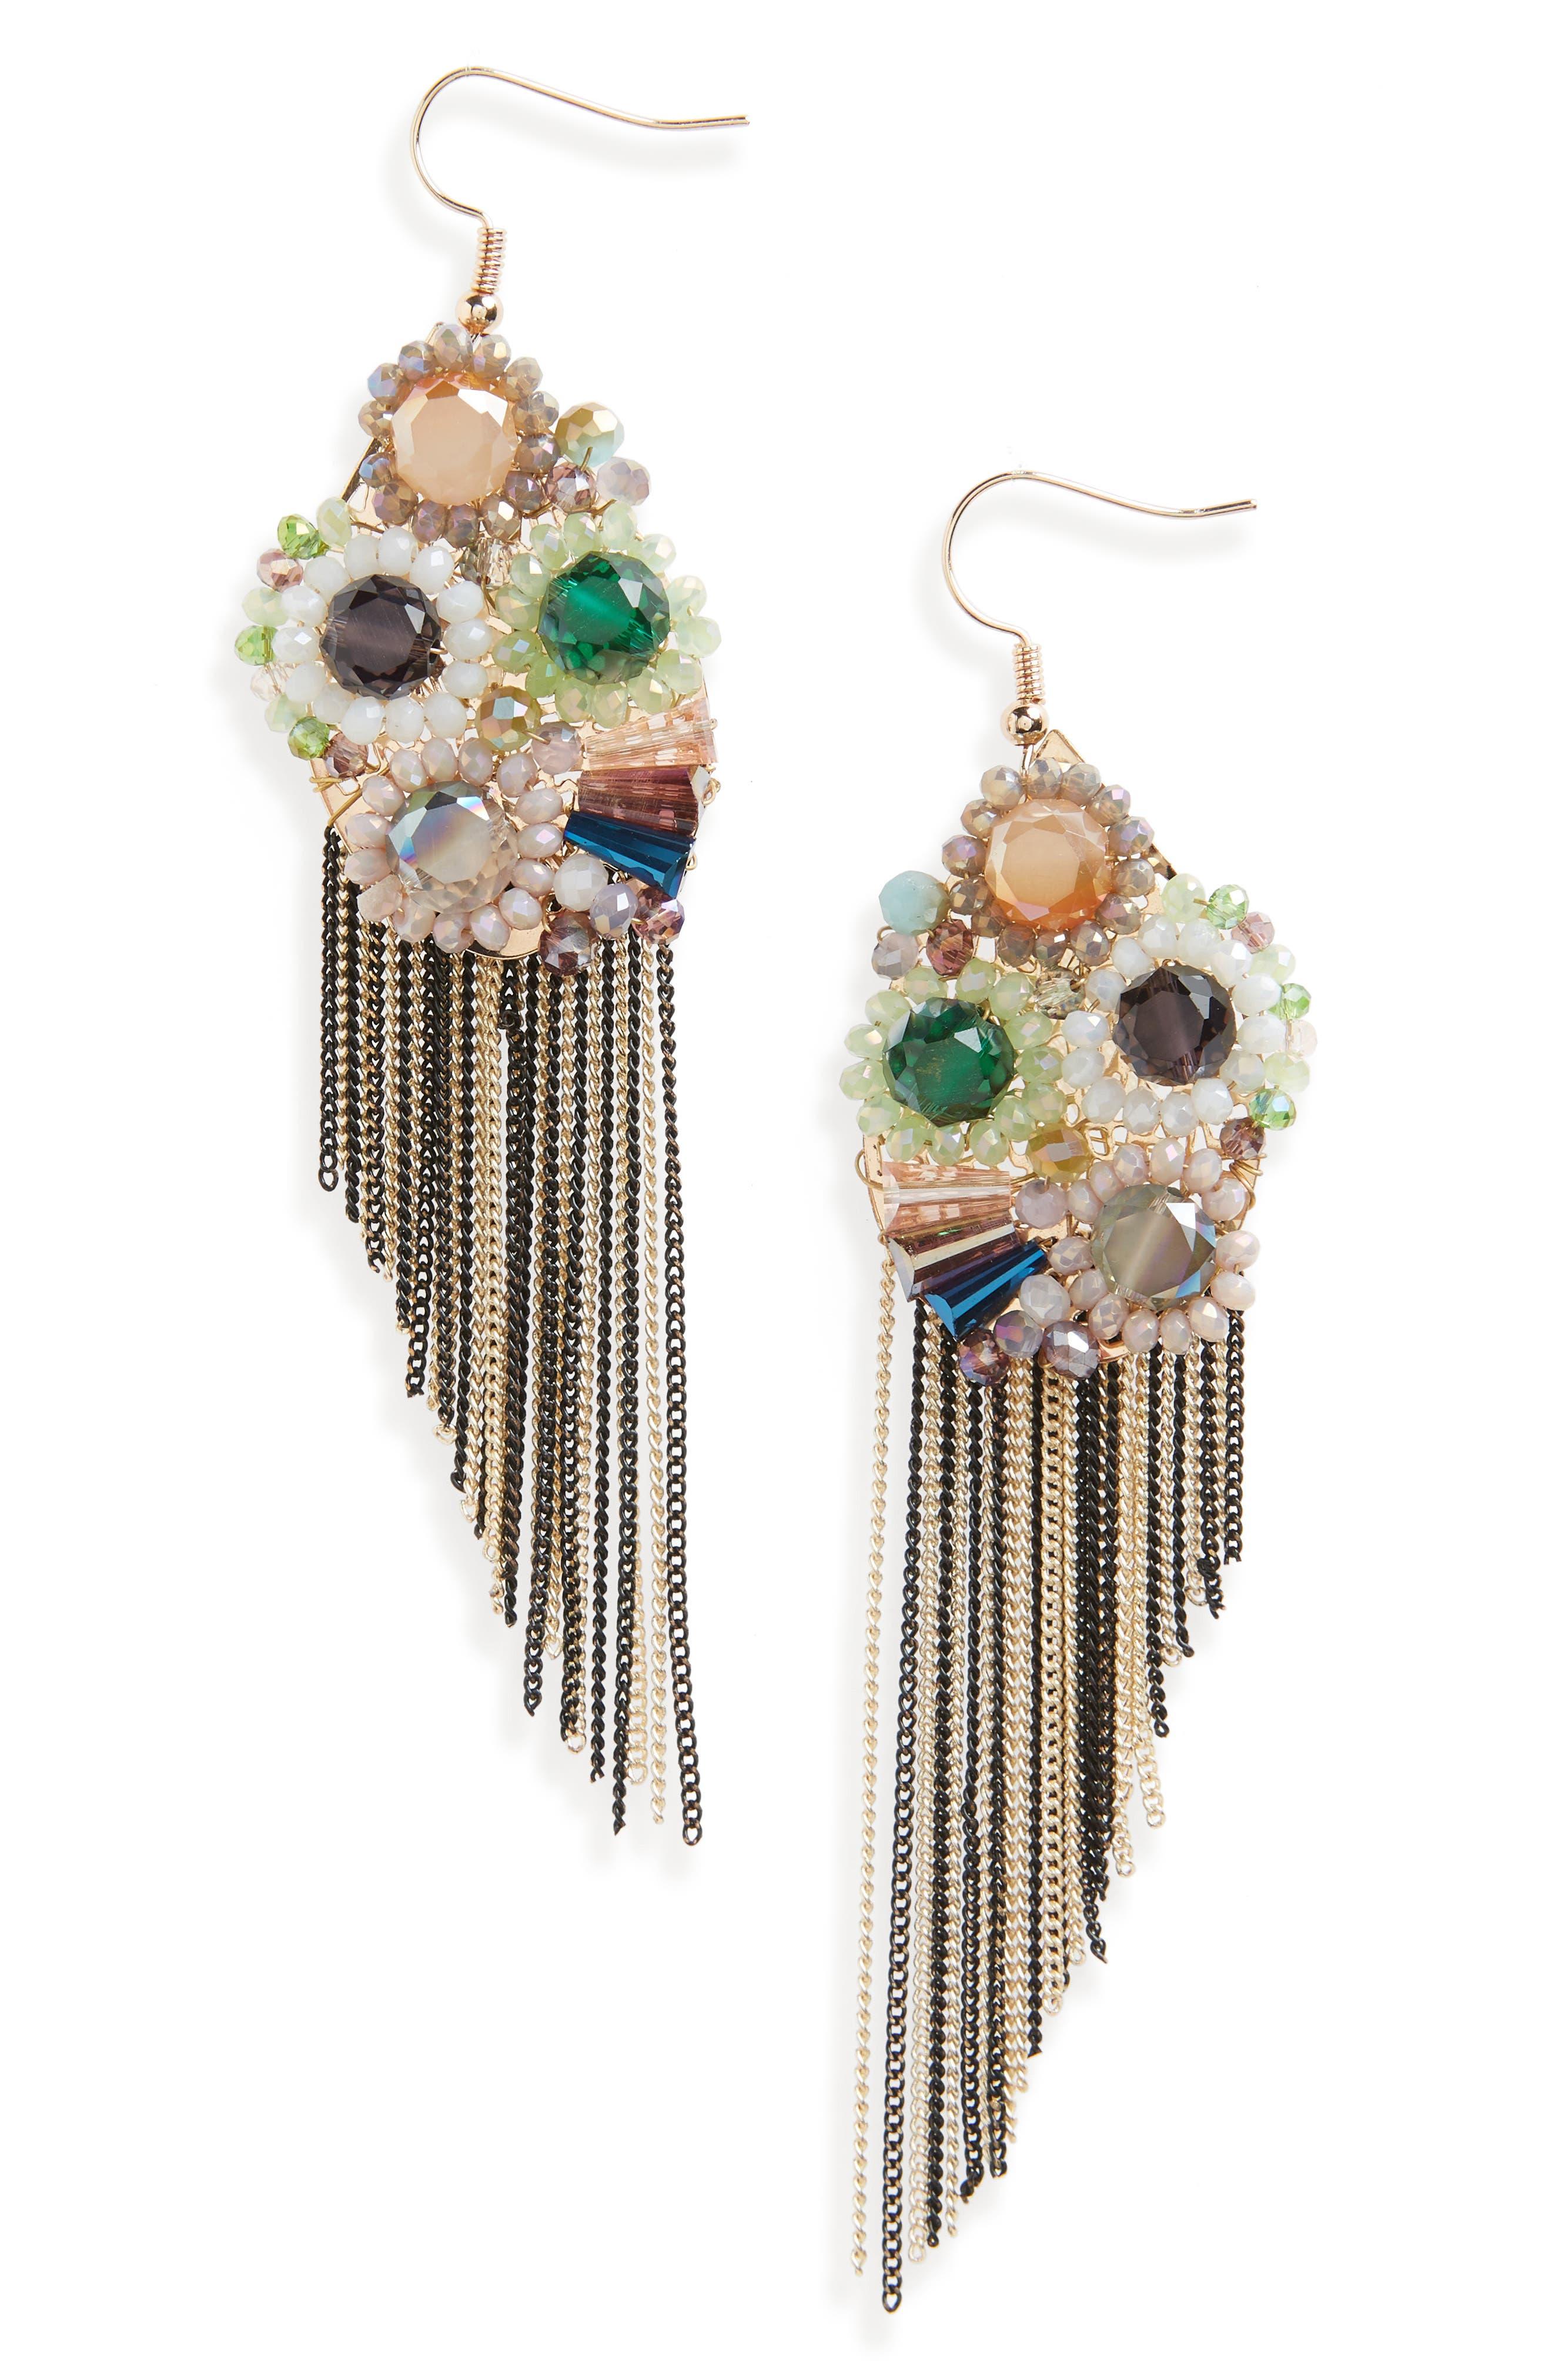 Goddess Fringe Earrings,                             Main thumbnail 1, color,                             440